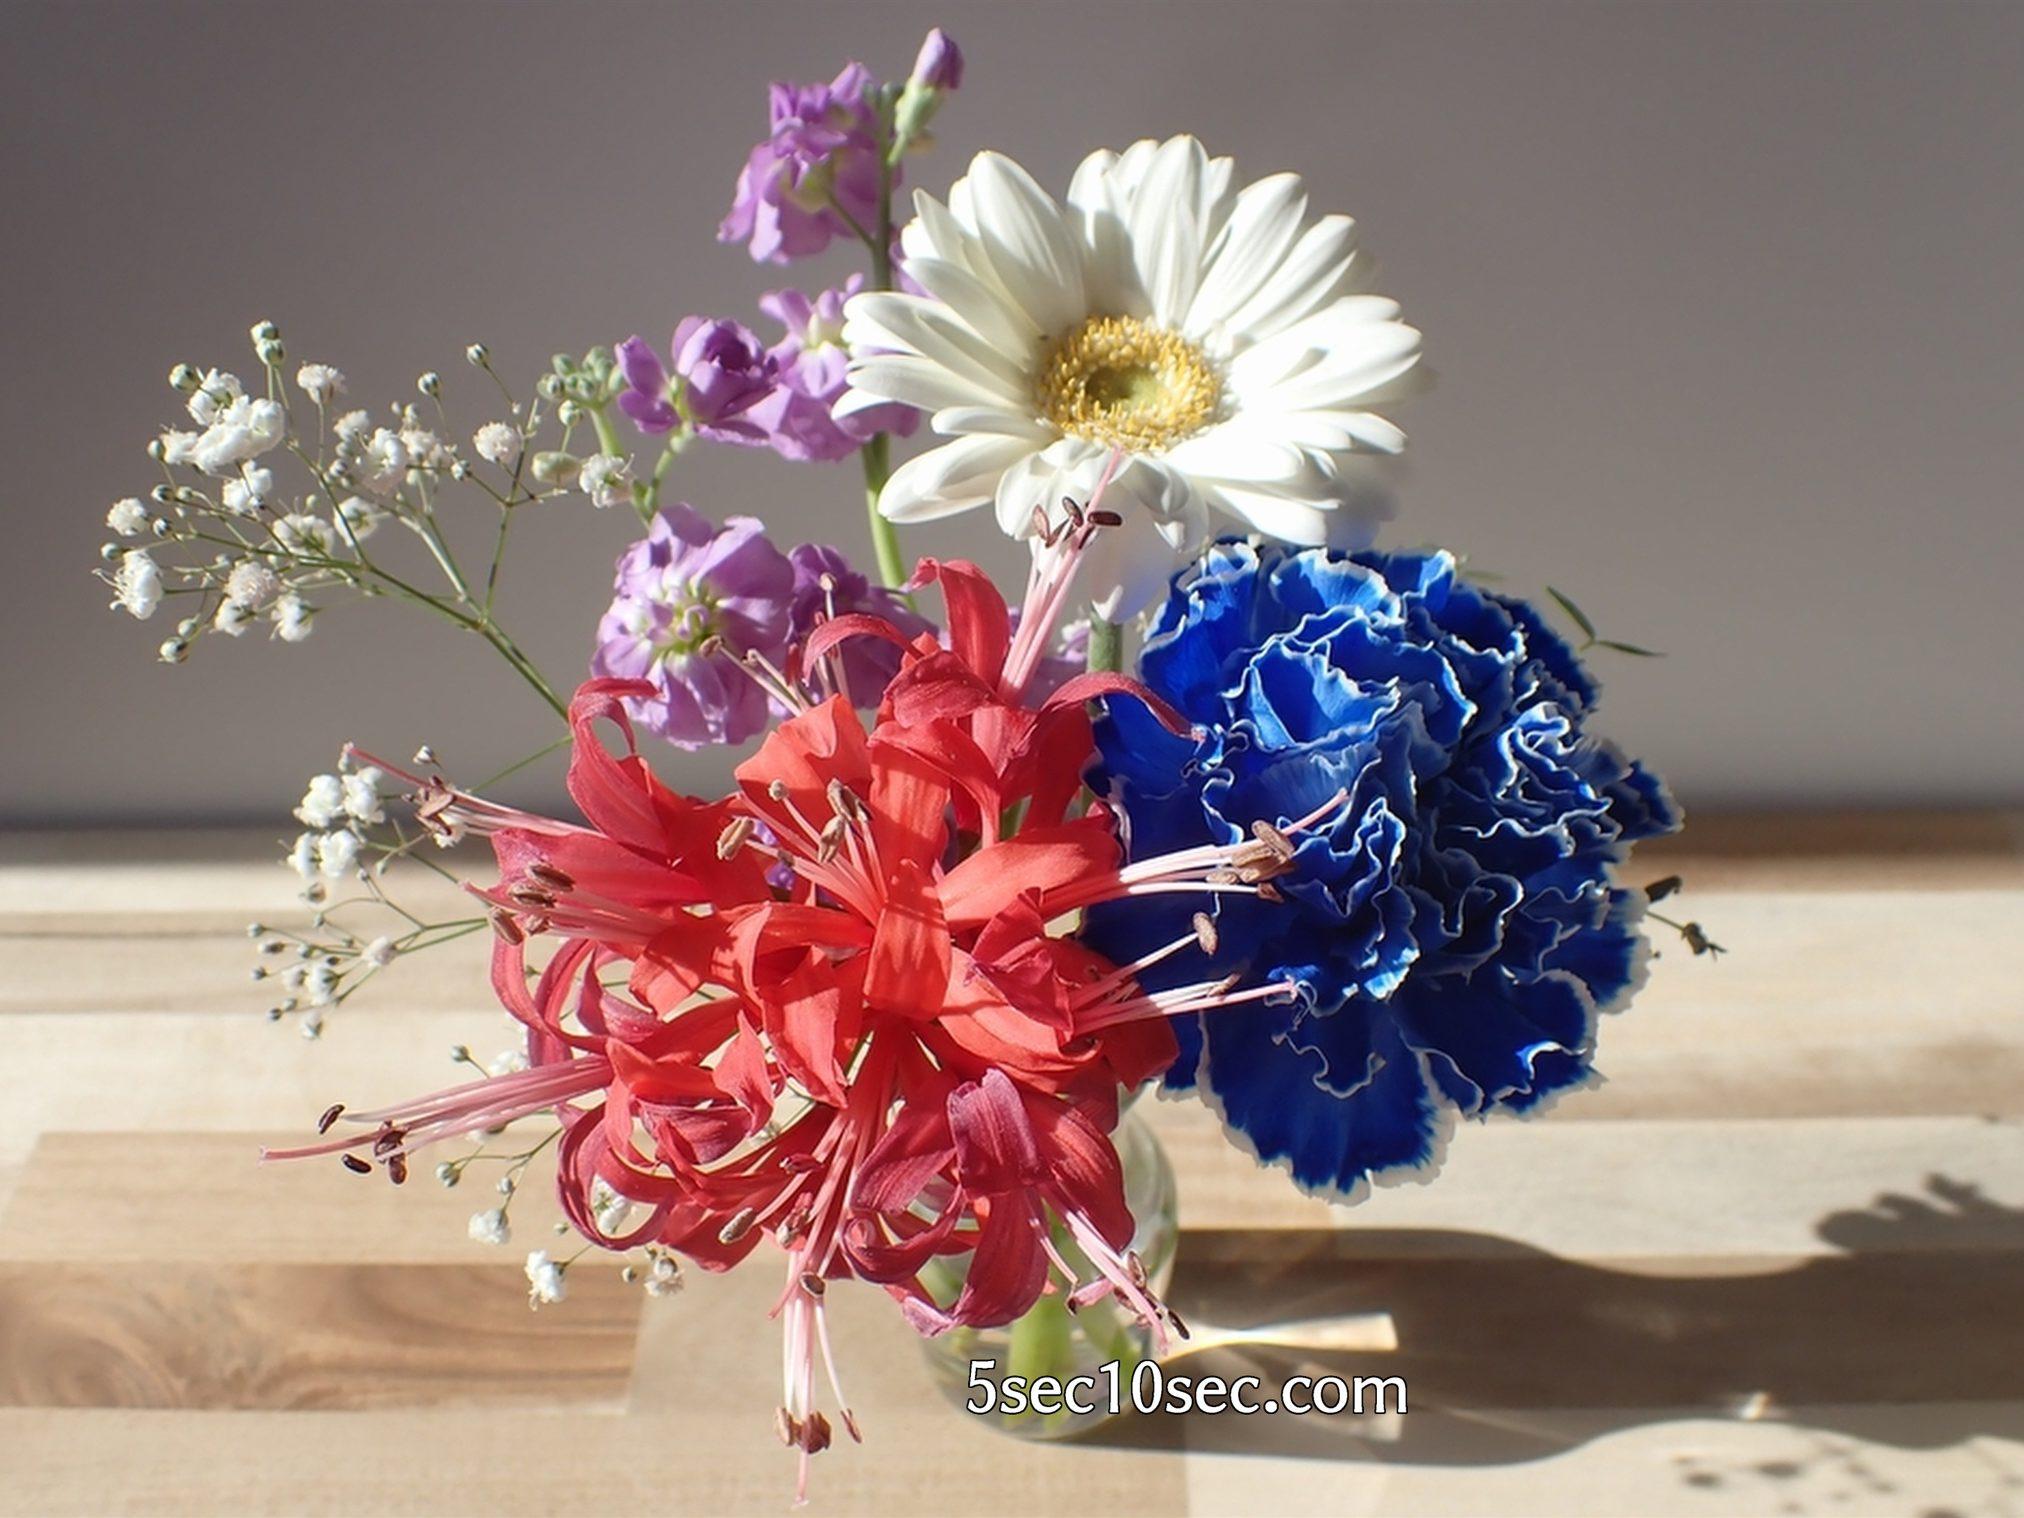 株式会社Crunch Style お花の定期便 Bloomee LIFE ブルーミーライフ 届いてから10日目の経過写真、基本のお手入れをしていれば長持ちするので初心者でも楽しめました